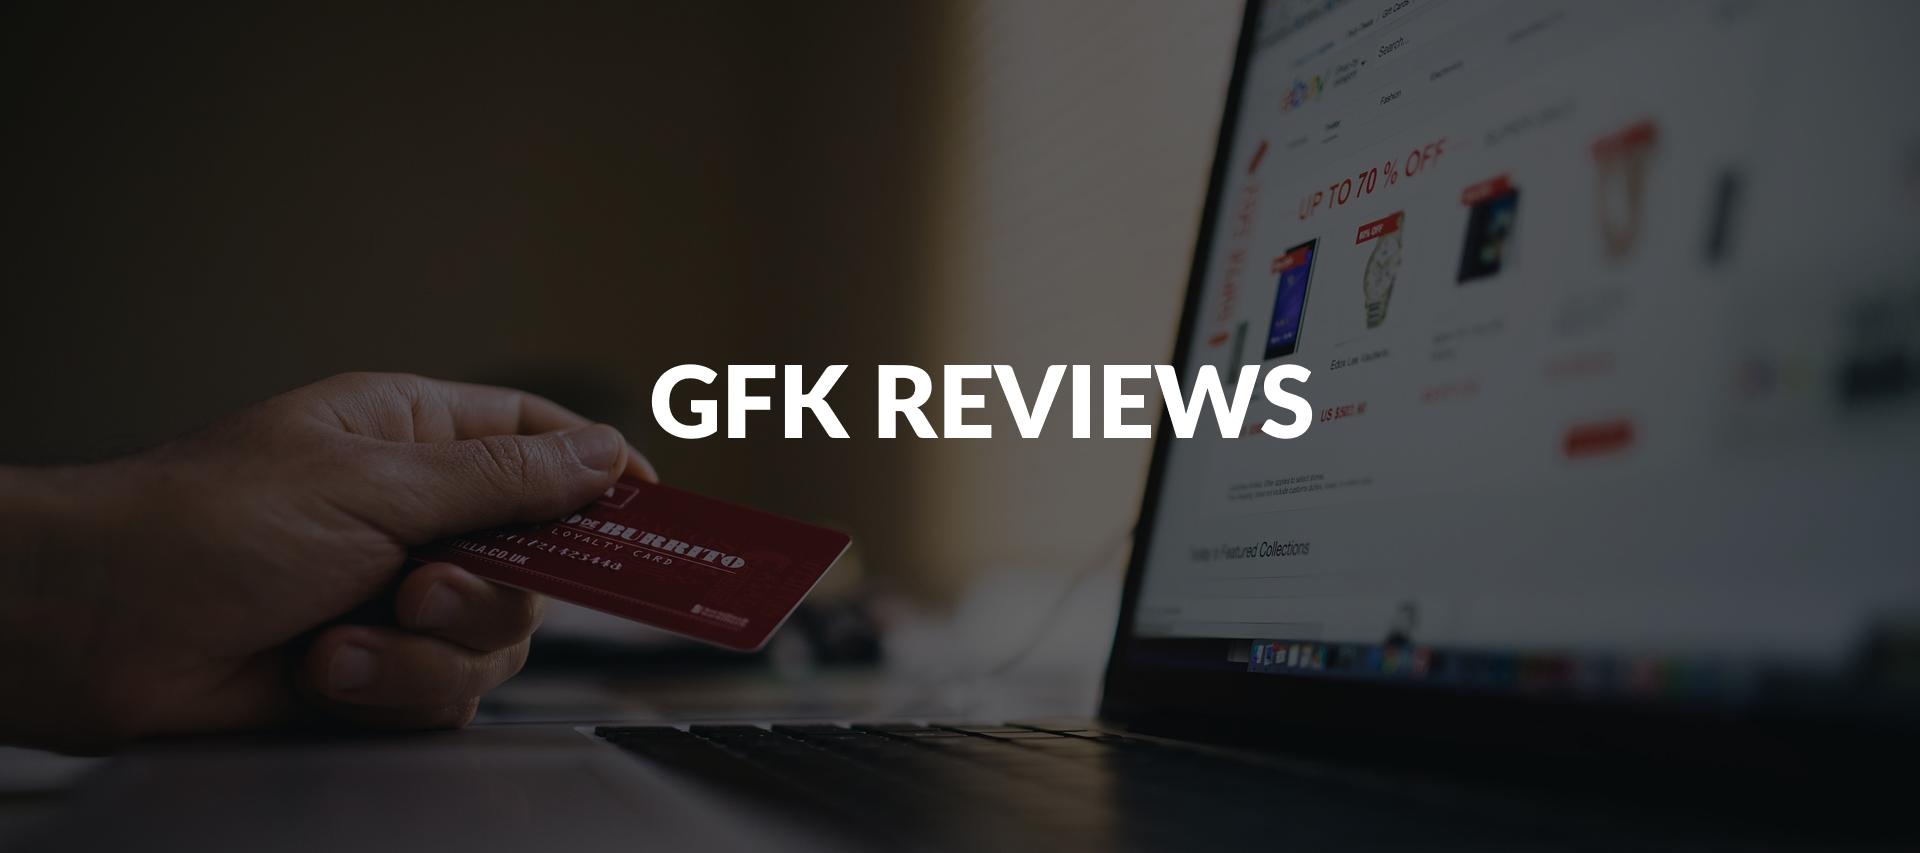 GFK Reviews